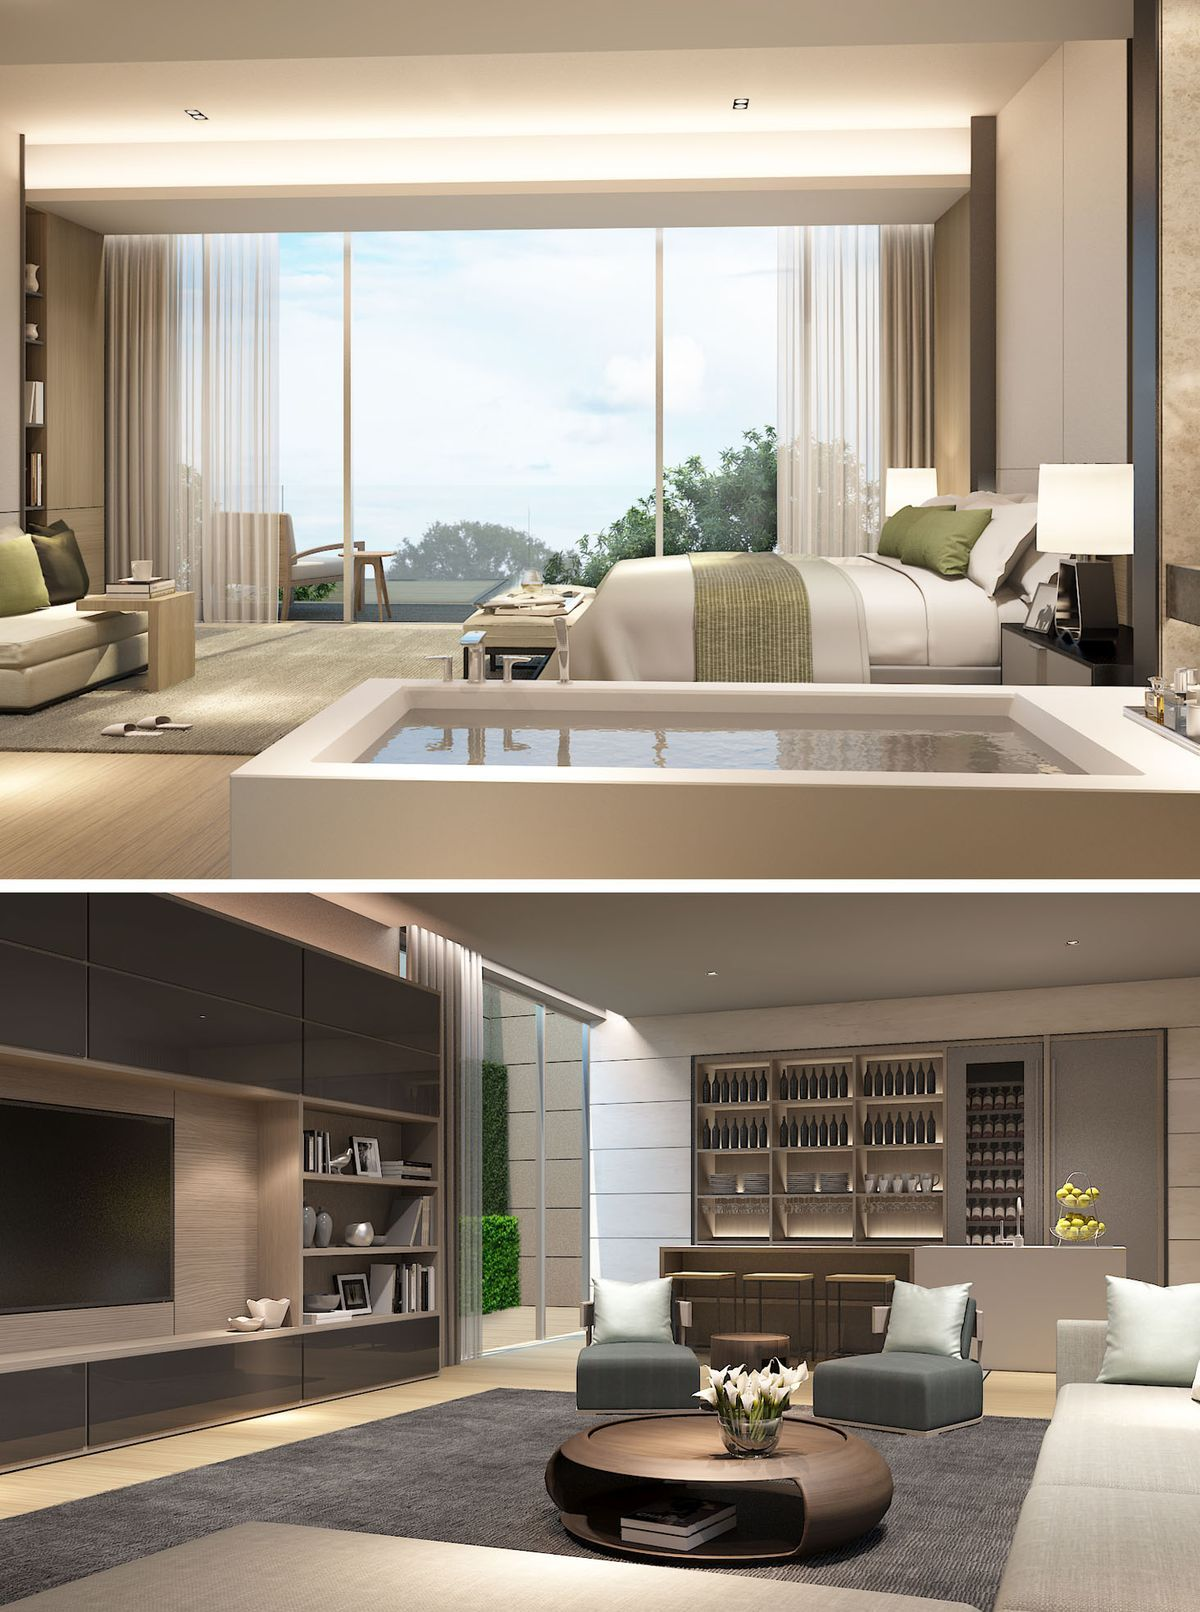 Neue wohnzimmer innenarchitektur pin von alex neagu auf wohnzimmer  pinterest  wohnzimmer